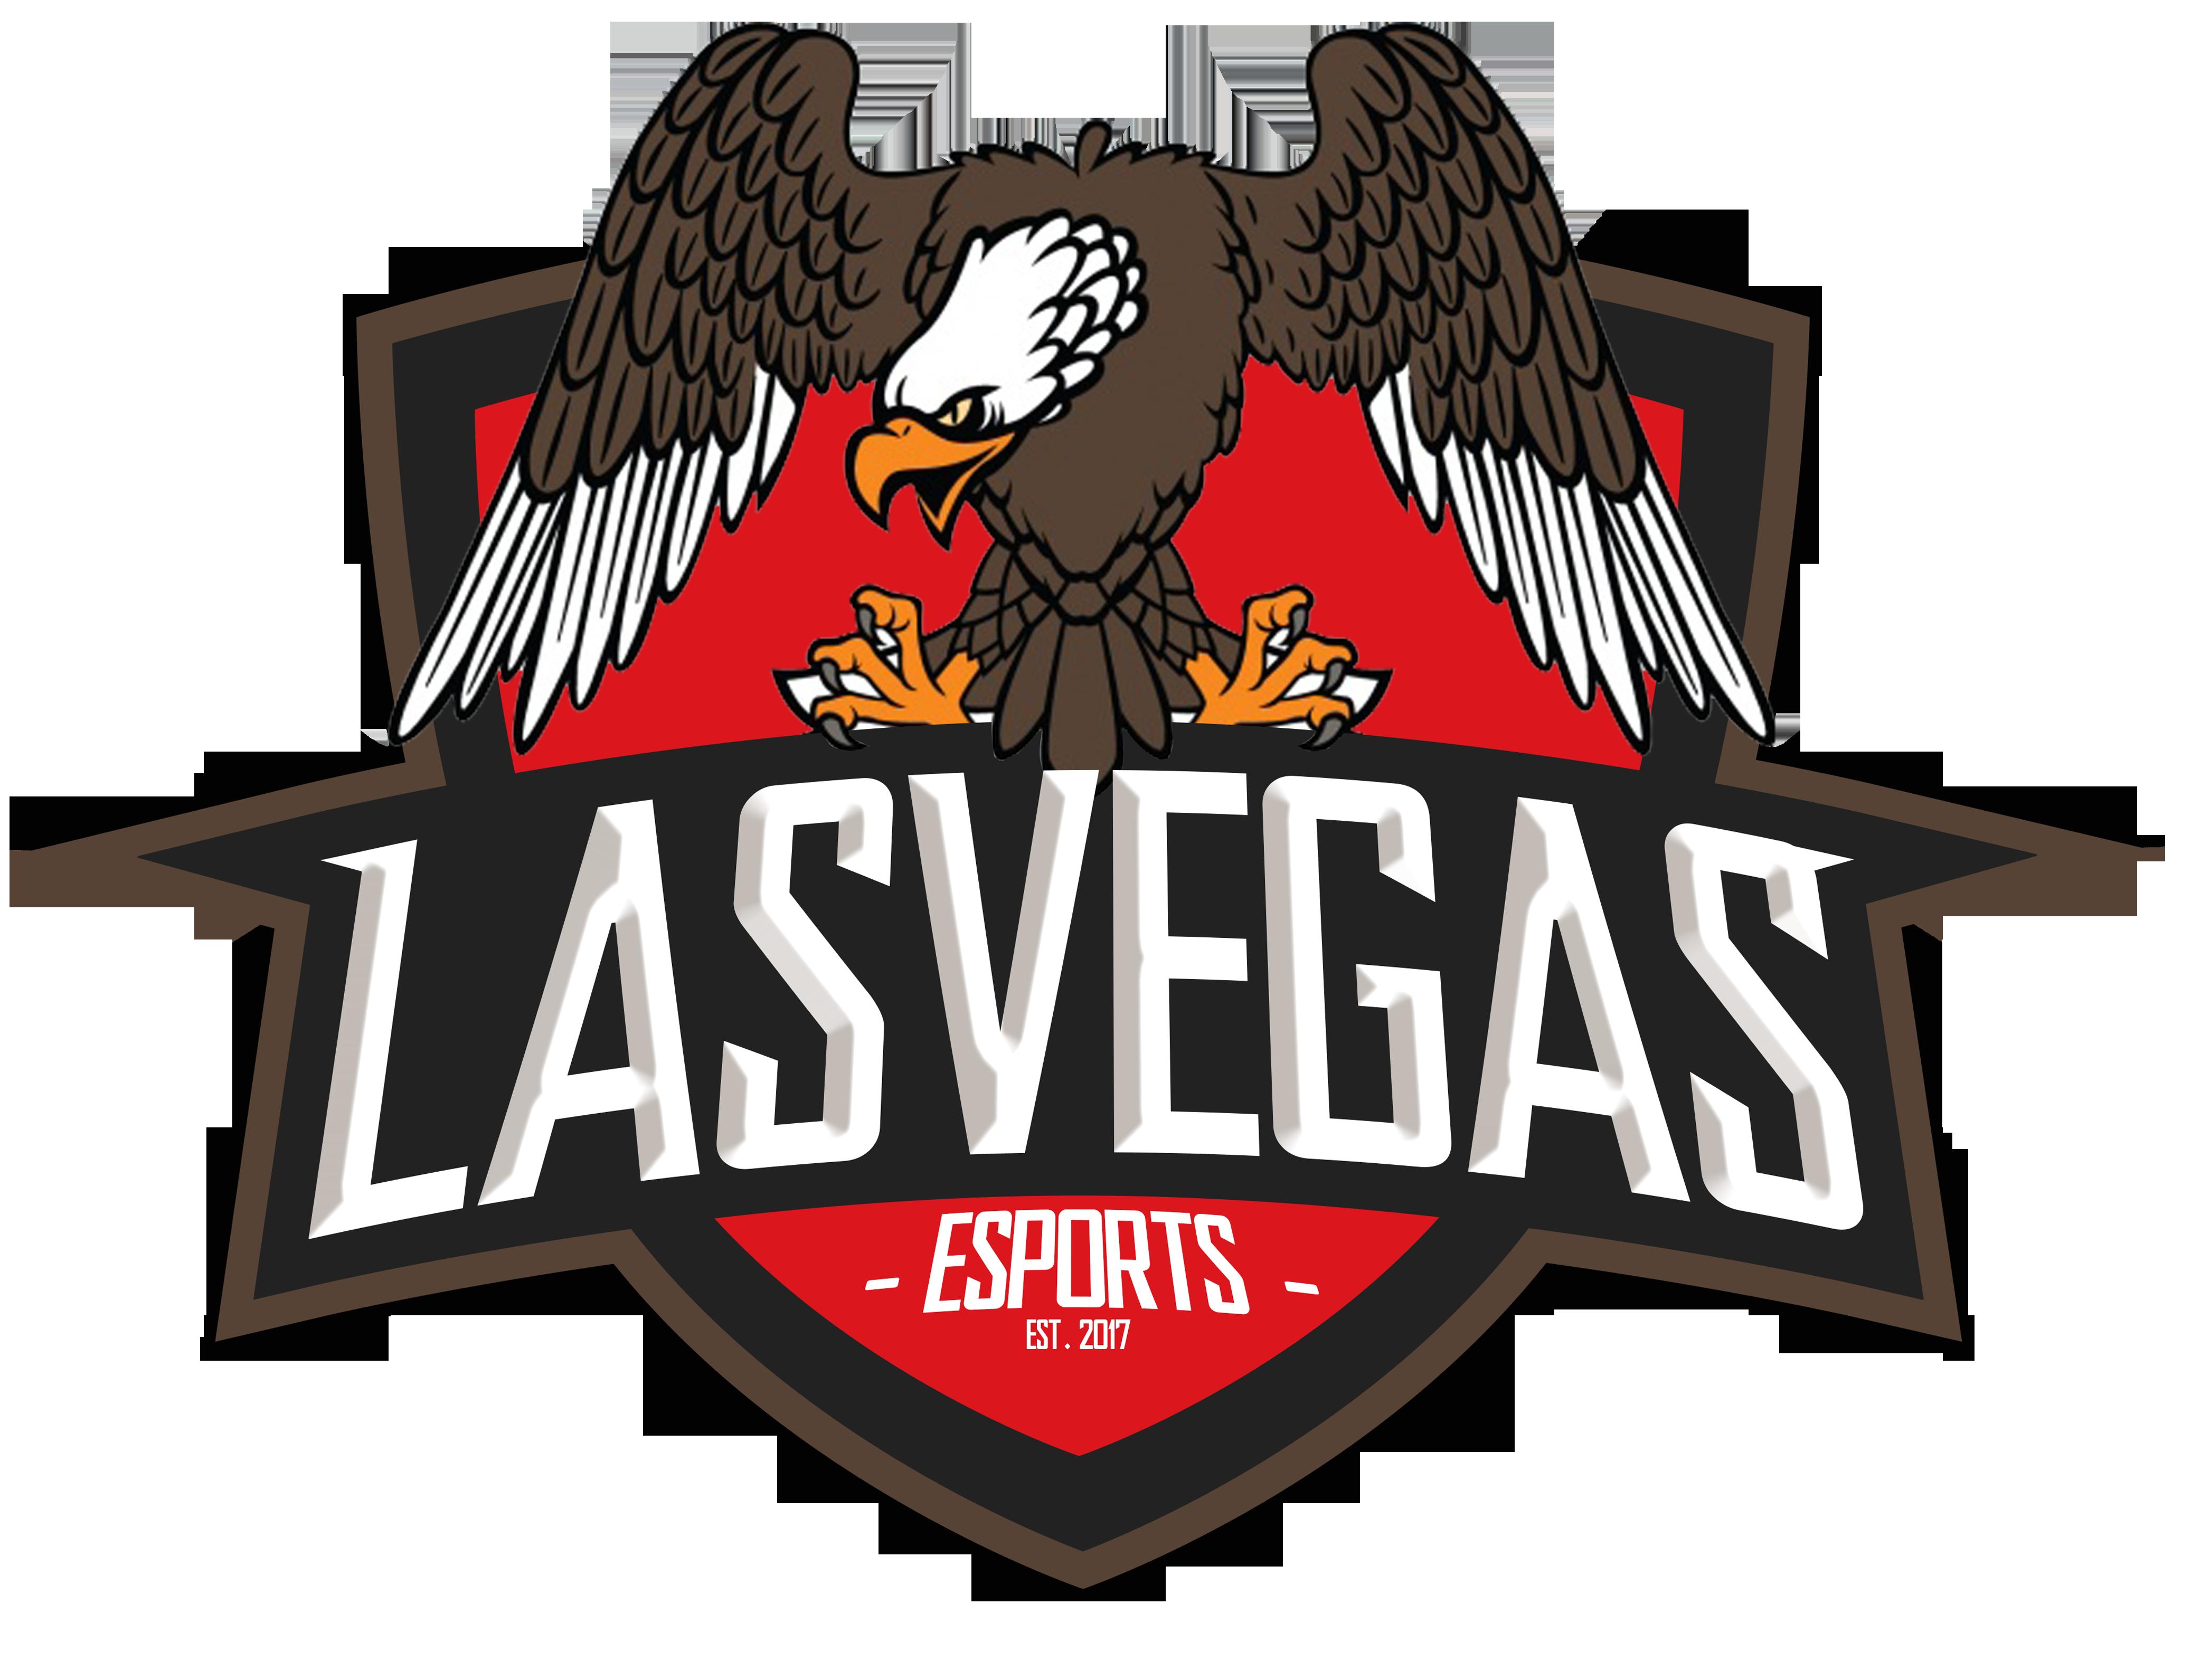 Las Vegas E Sports Logo